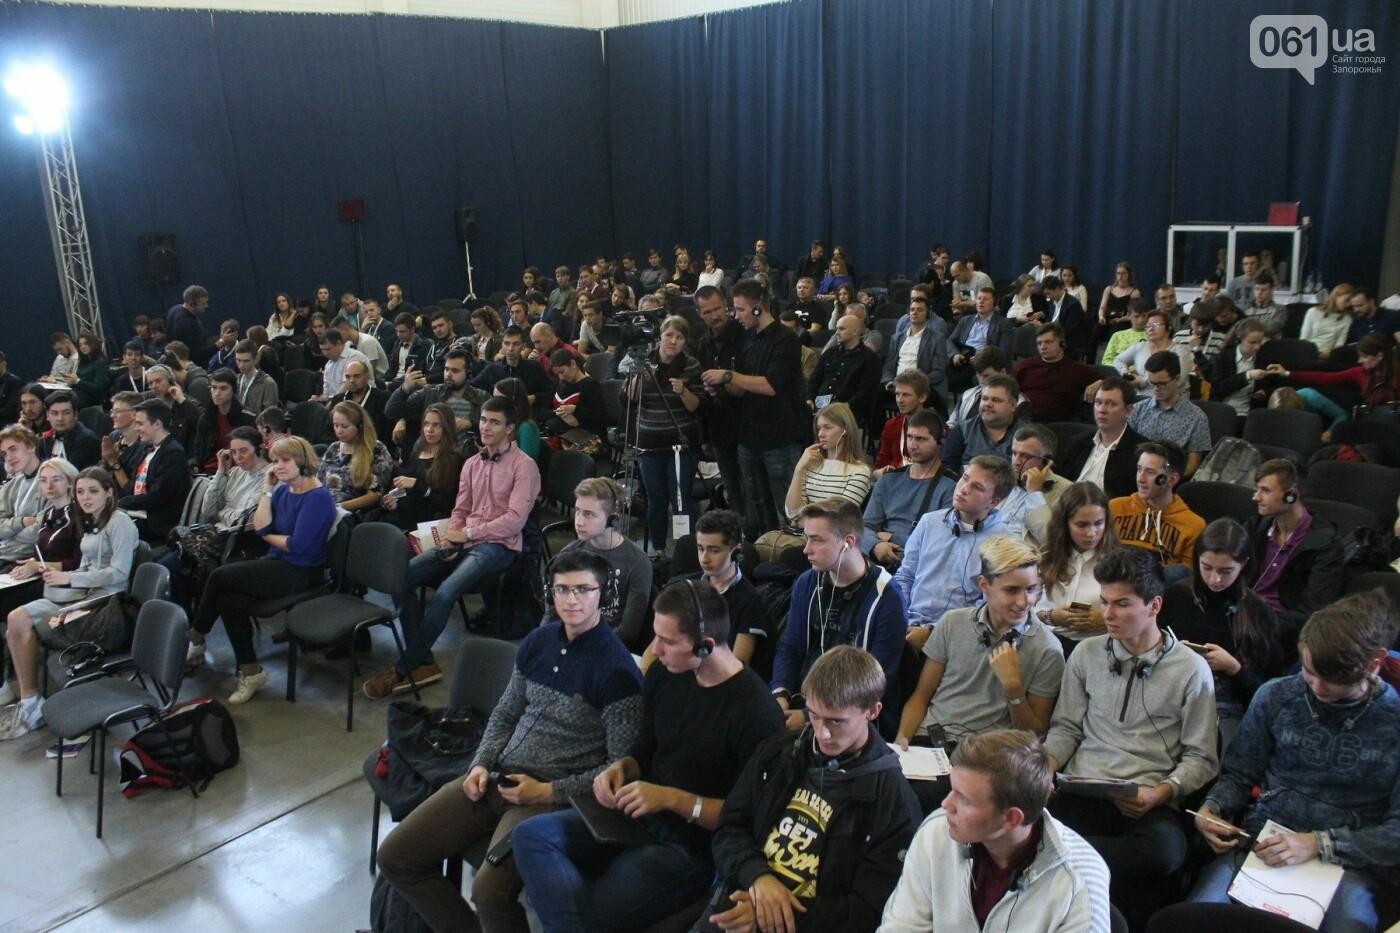 Роботы, киберспорт и спикеры-иностранцы: в Запорожье начался International IT Forum, – ФОТОРЕПОРТАЖ, фото-22